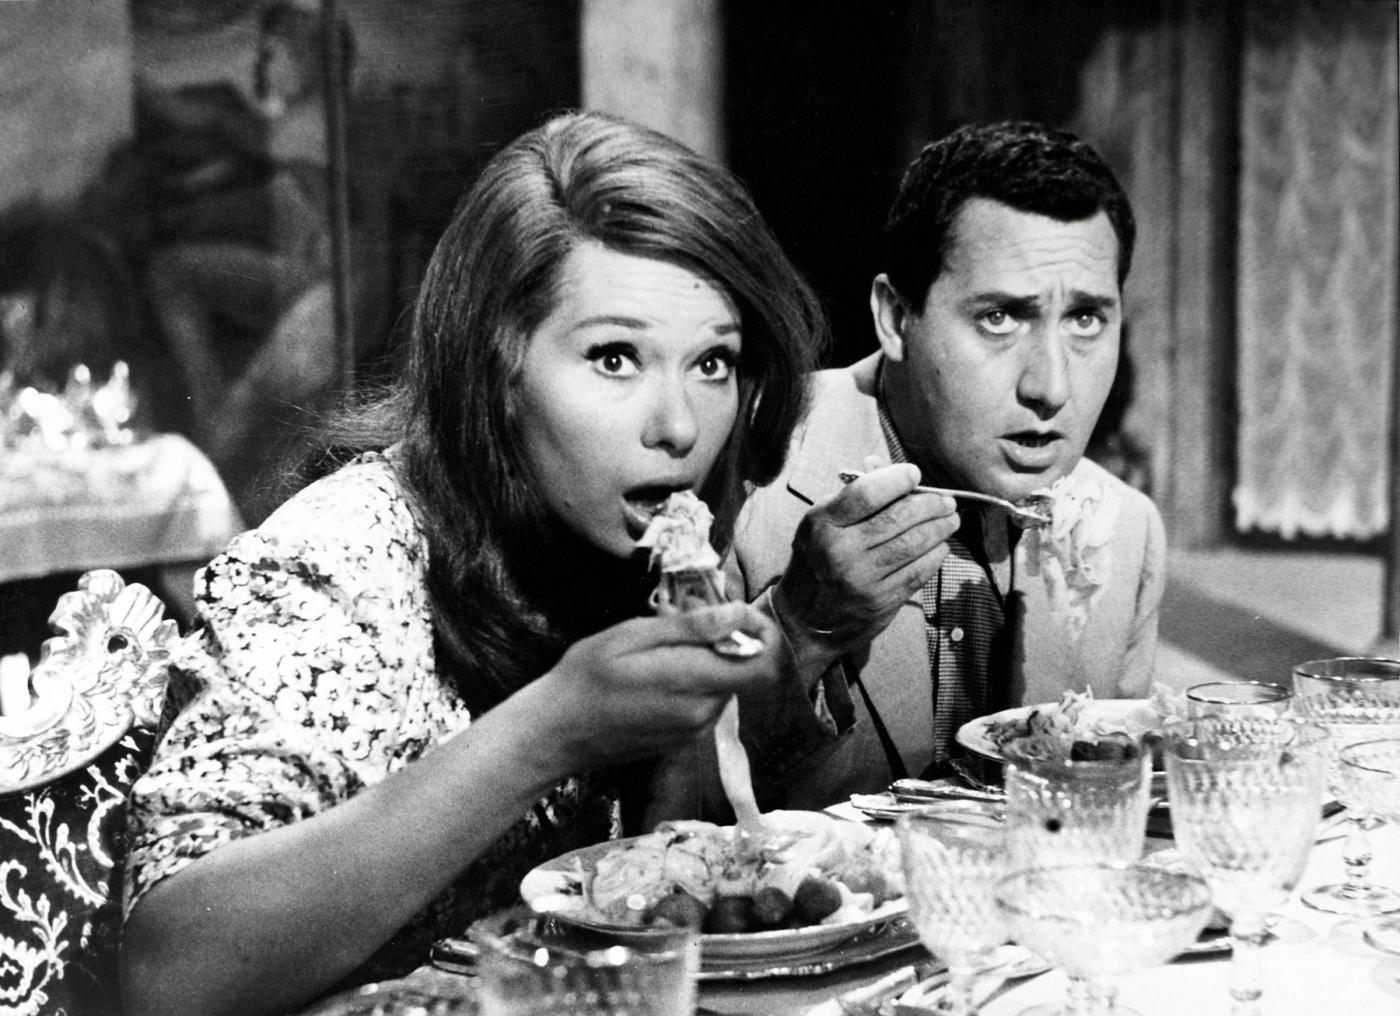 """Zumapress/Lapresse1961Spettacolo CinemaFilm """" Una vita difficile """" di Dino RisiNella foto : LEA MASSARI e ALBERTO SORDI in una scena del film.only italy"""